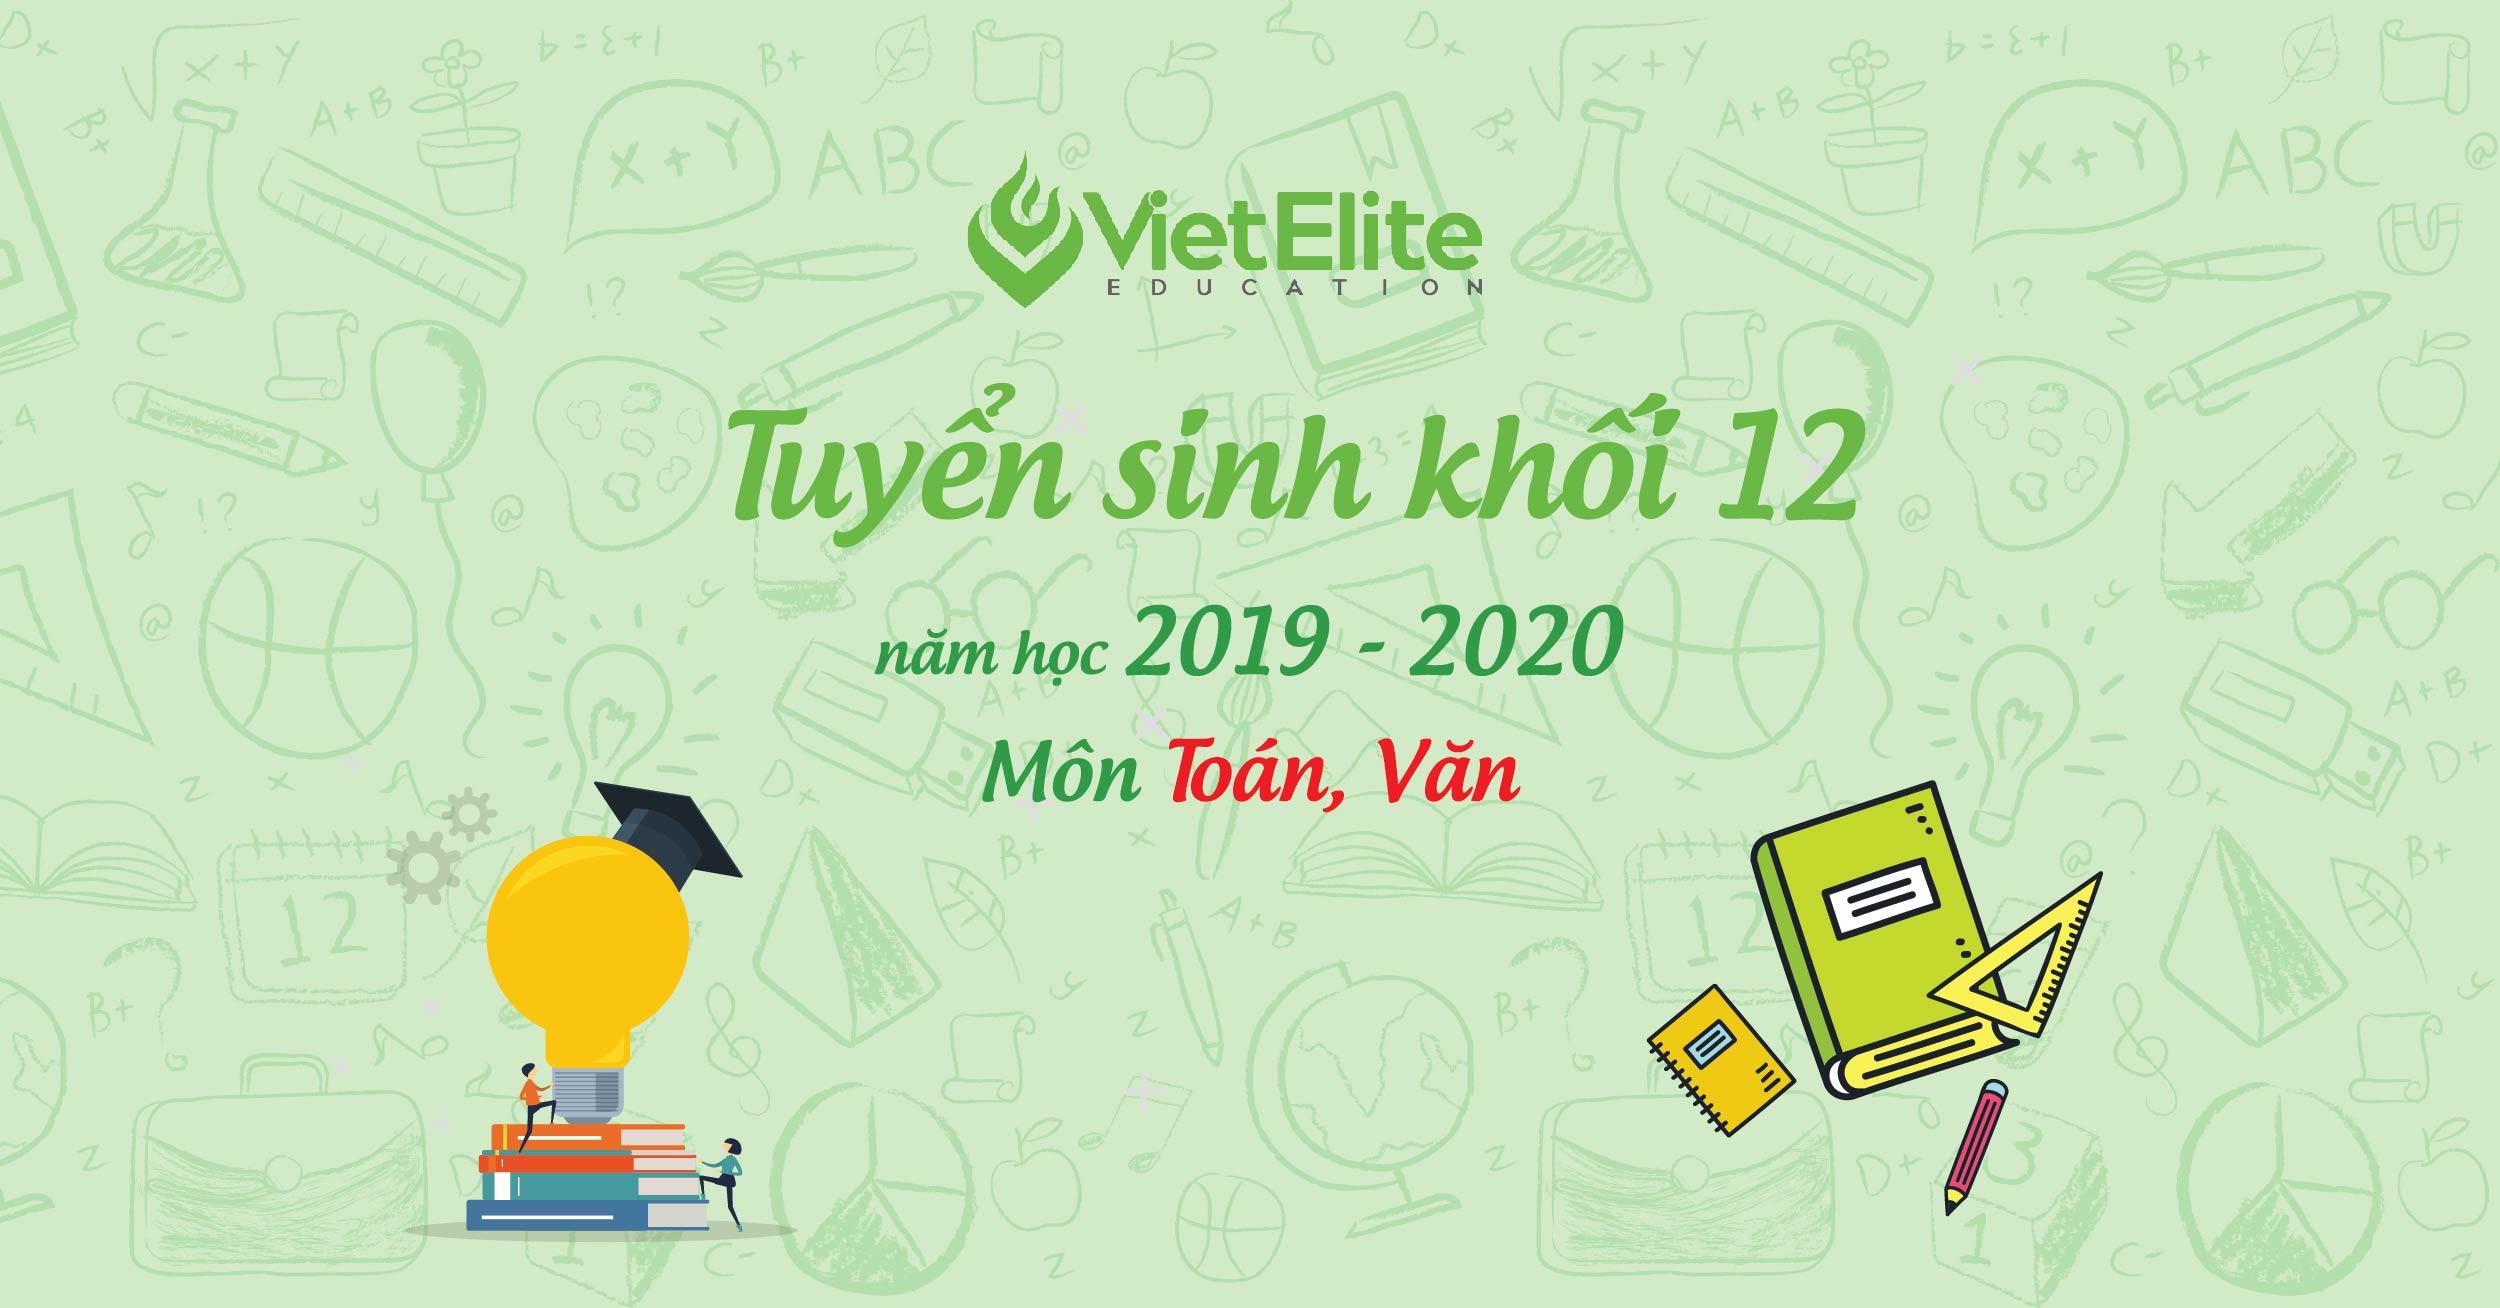 Tuyển sinh khôi 12 năm học 2019 - 2020